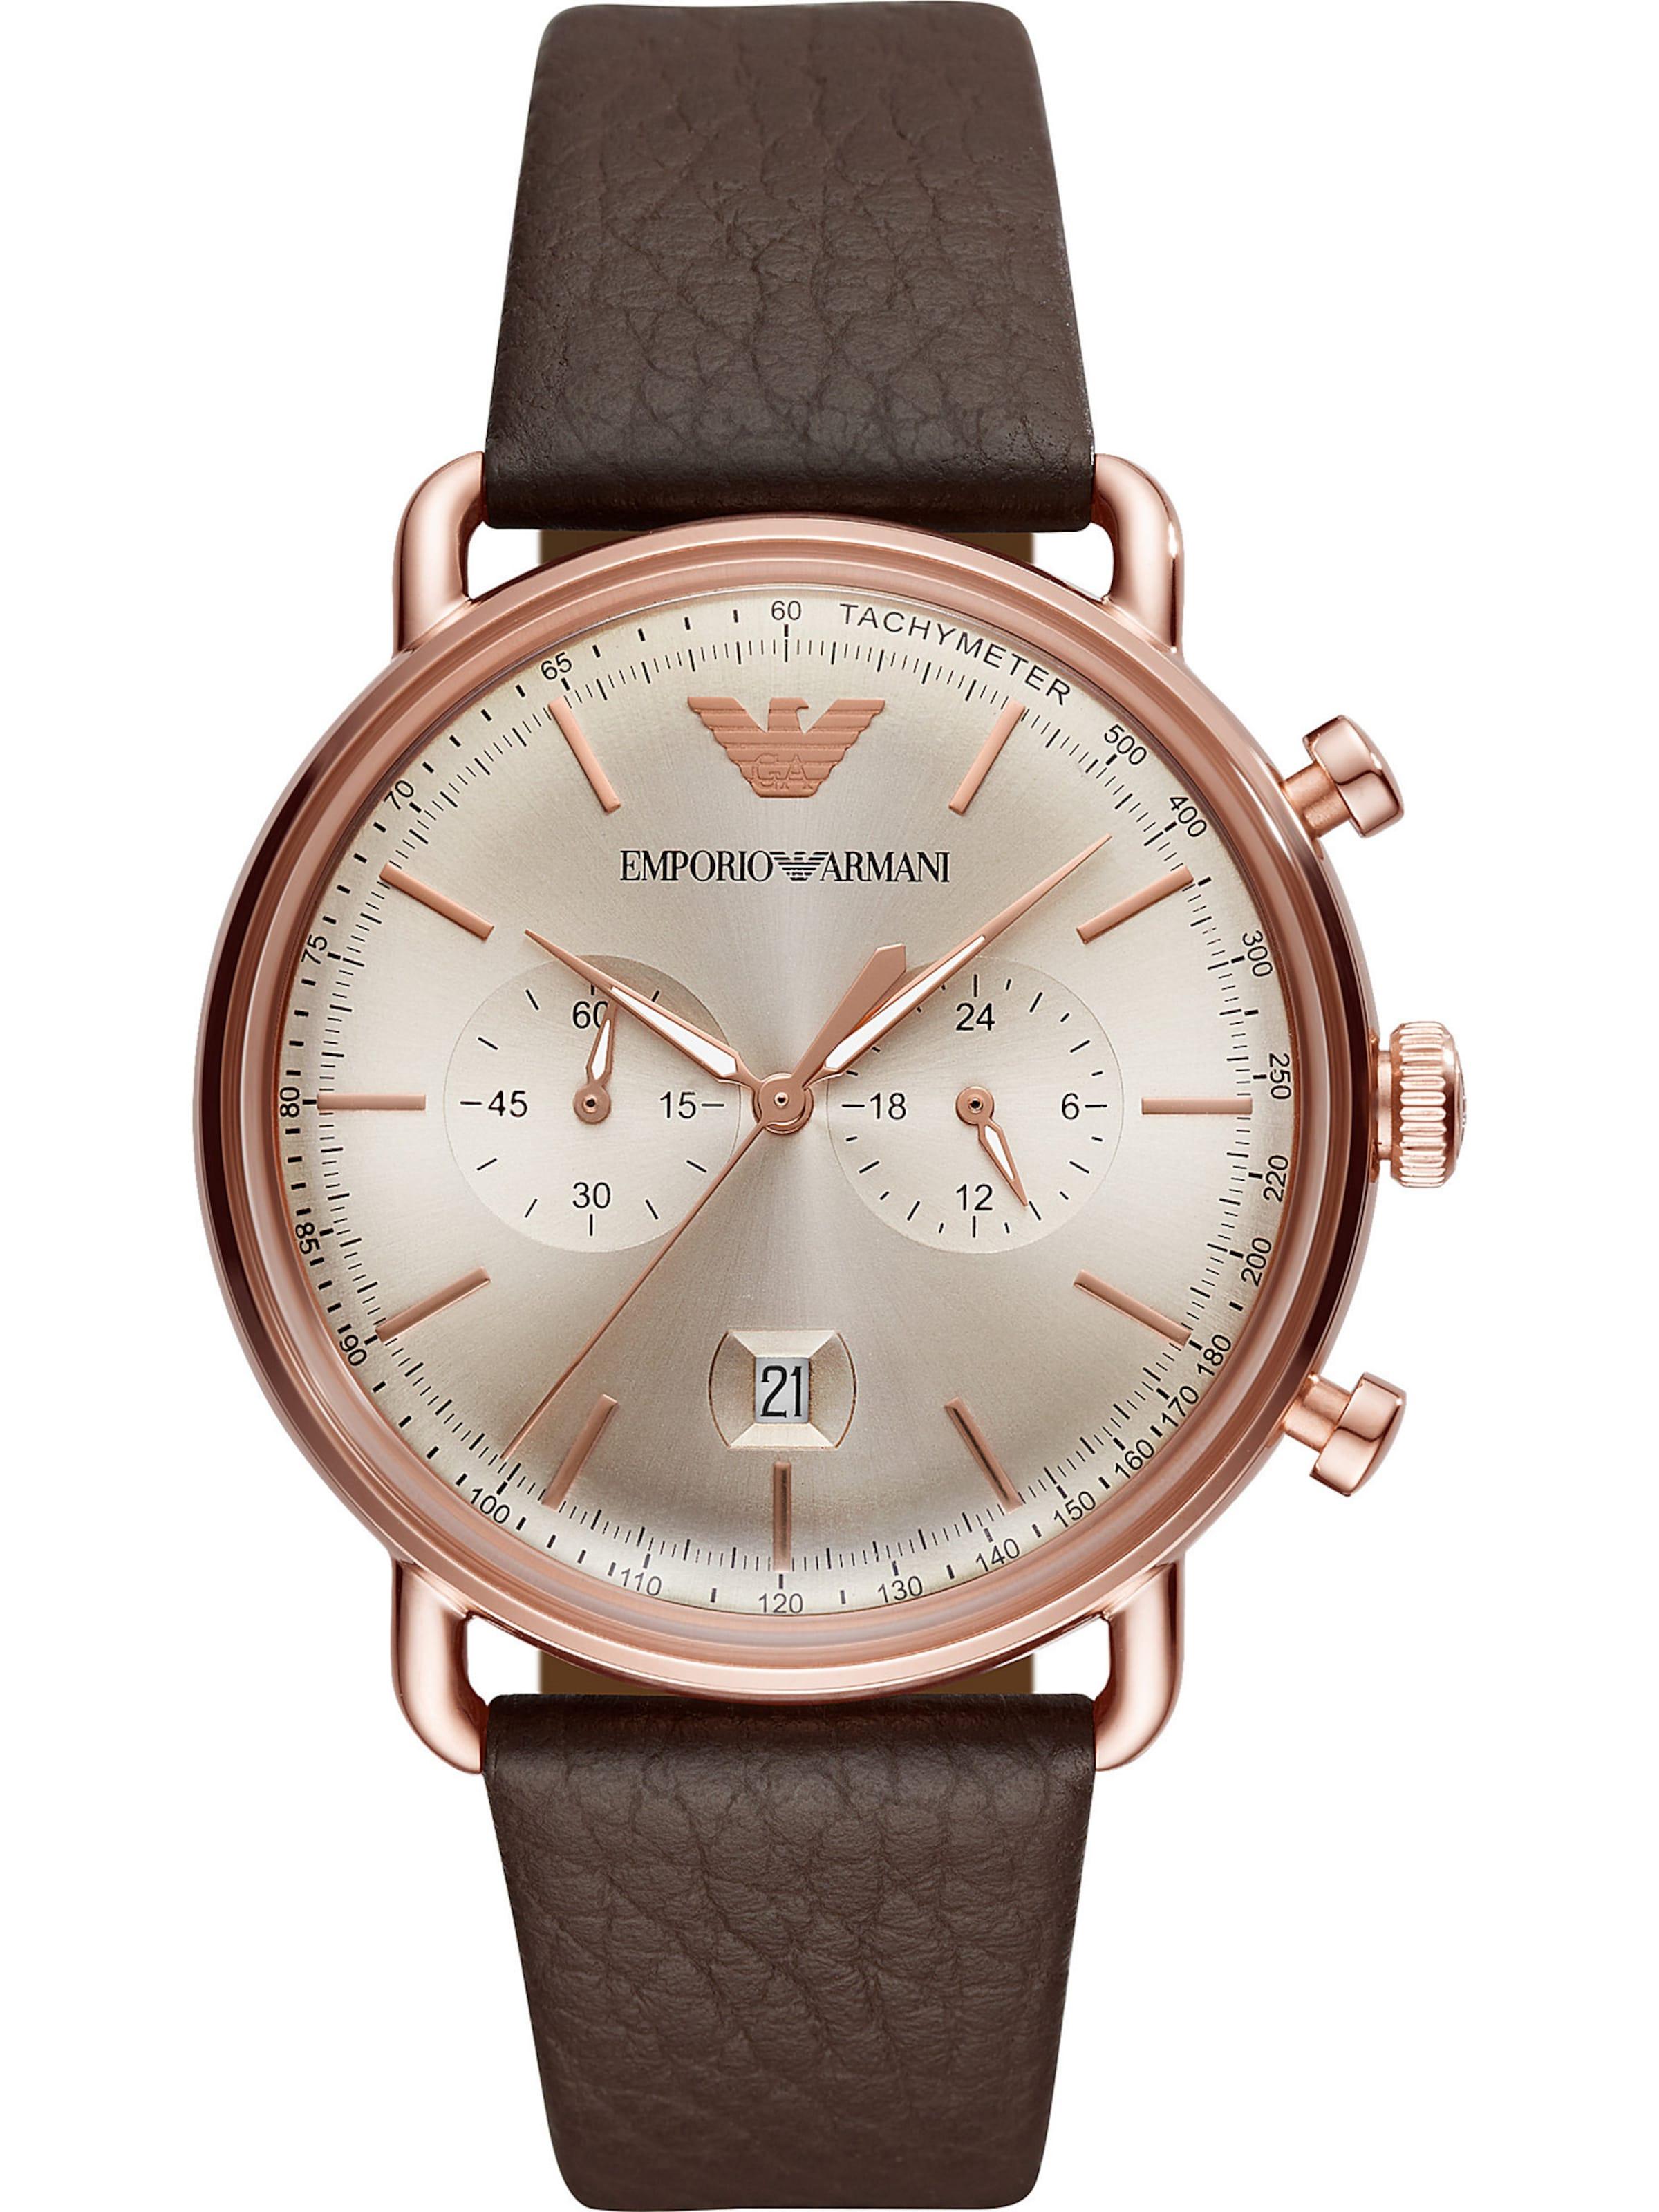 Emporio Armani Uhr 'ar11106' In BraunRosegold QstrCxhd